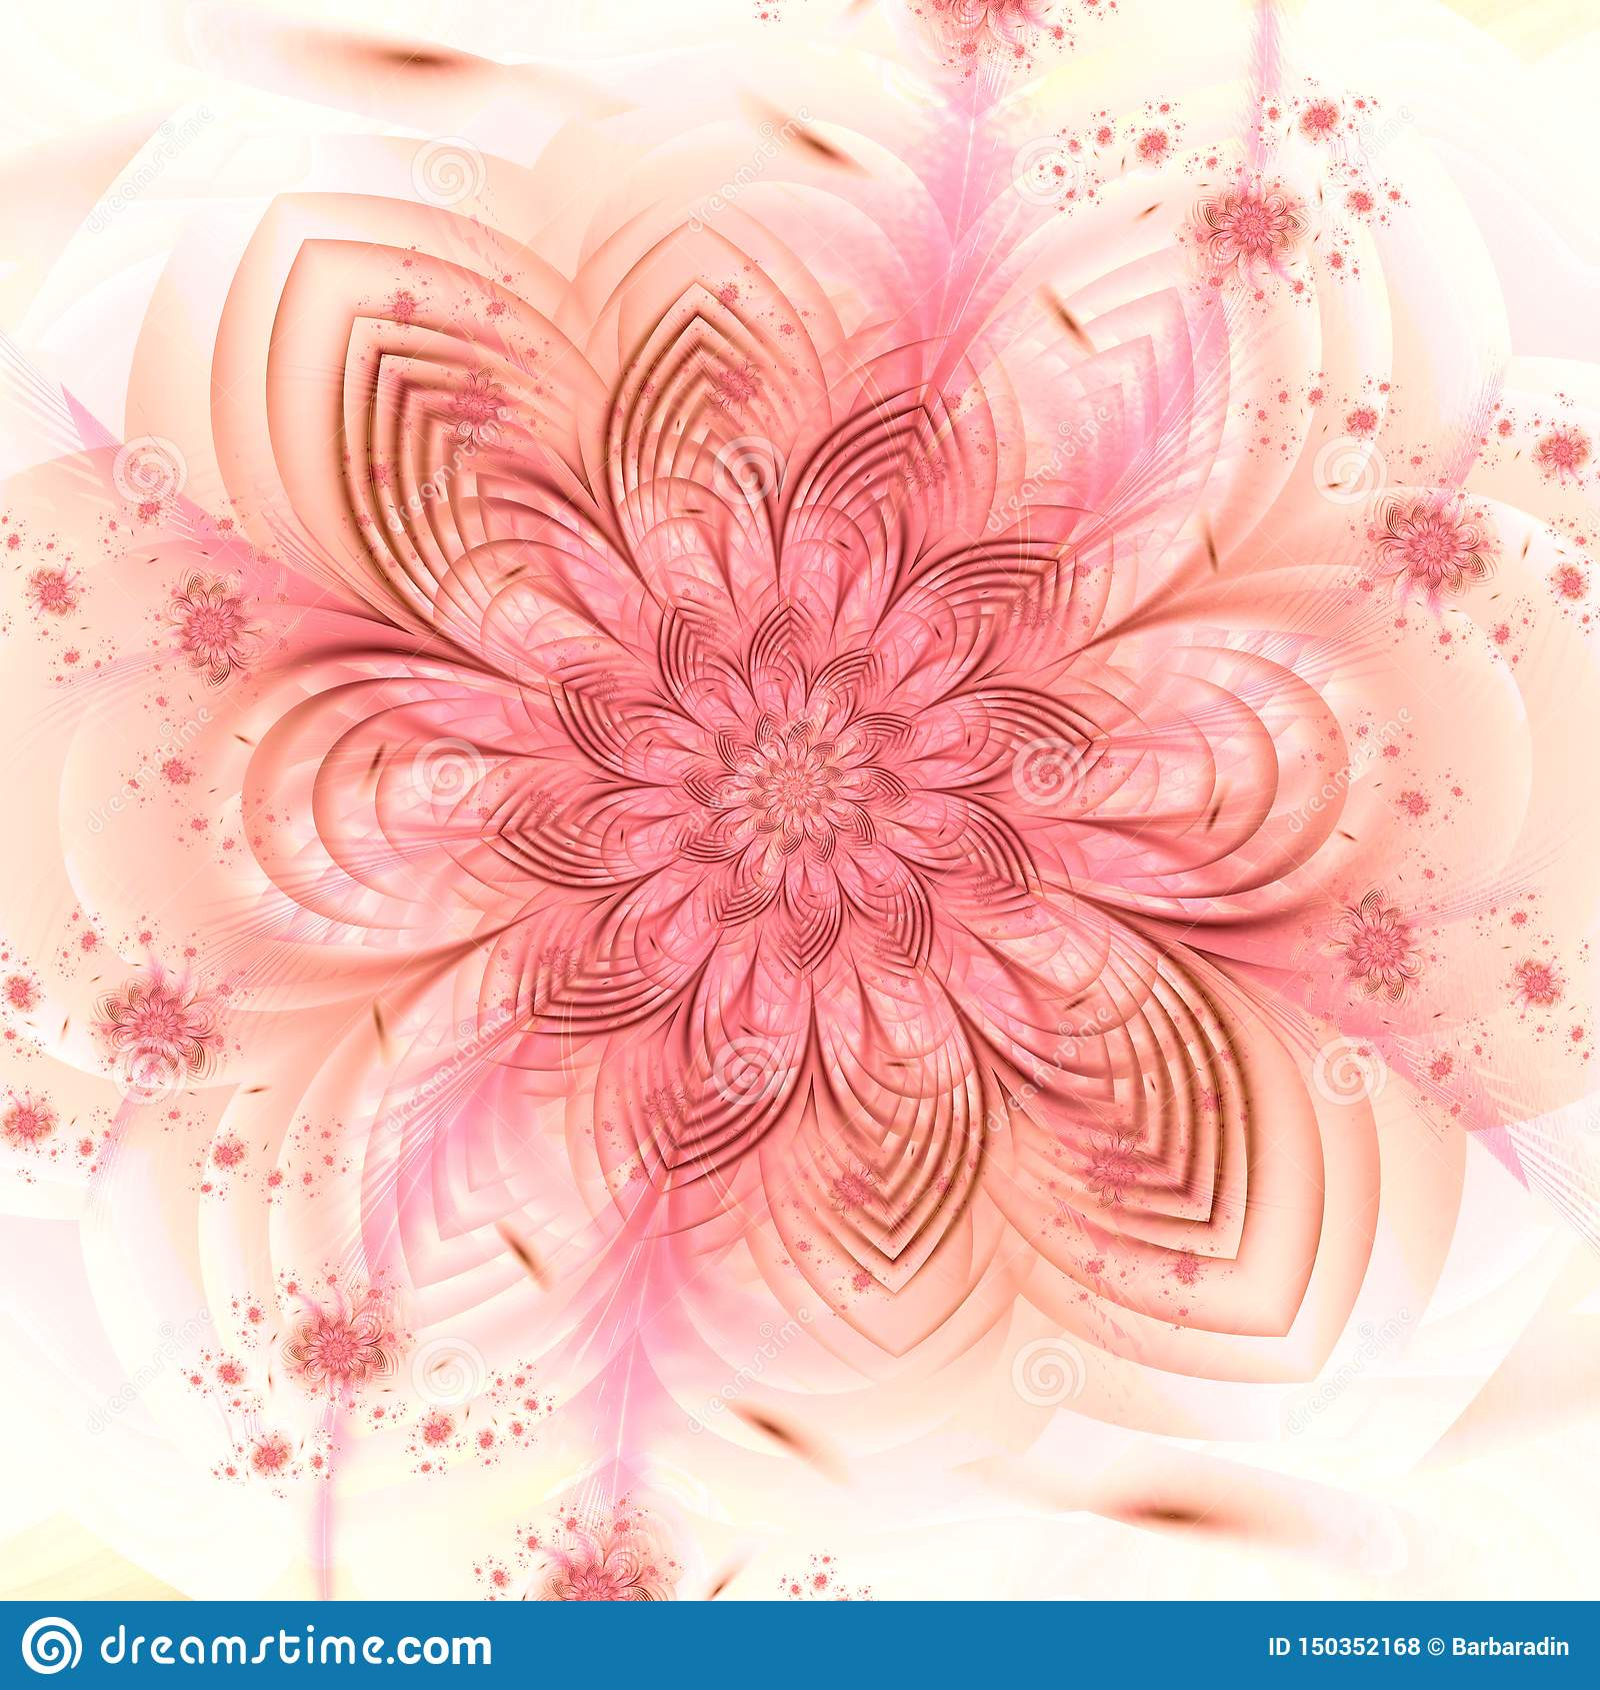 Delicate floral fractal pattern illustration